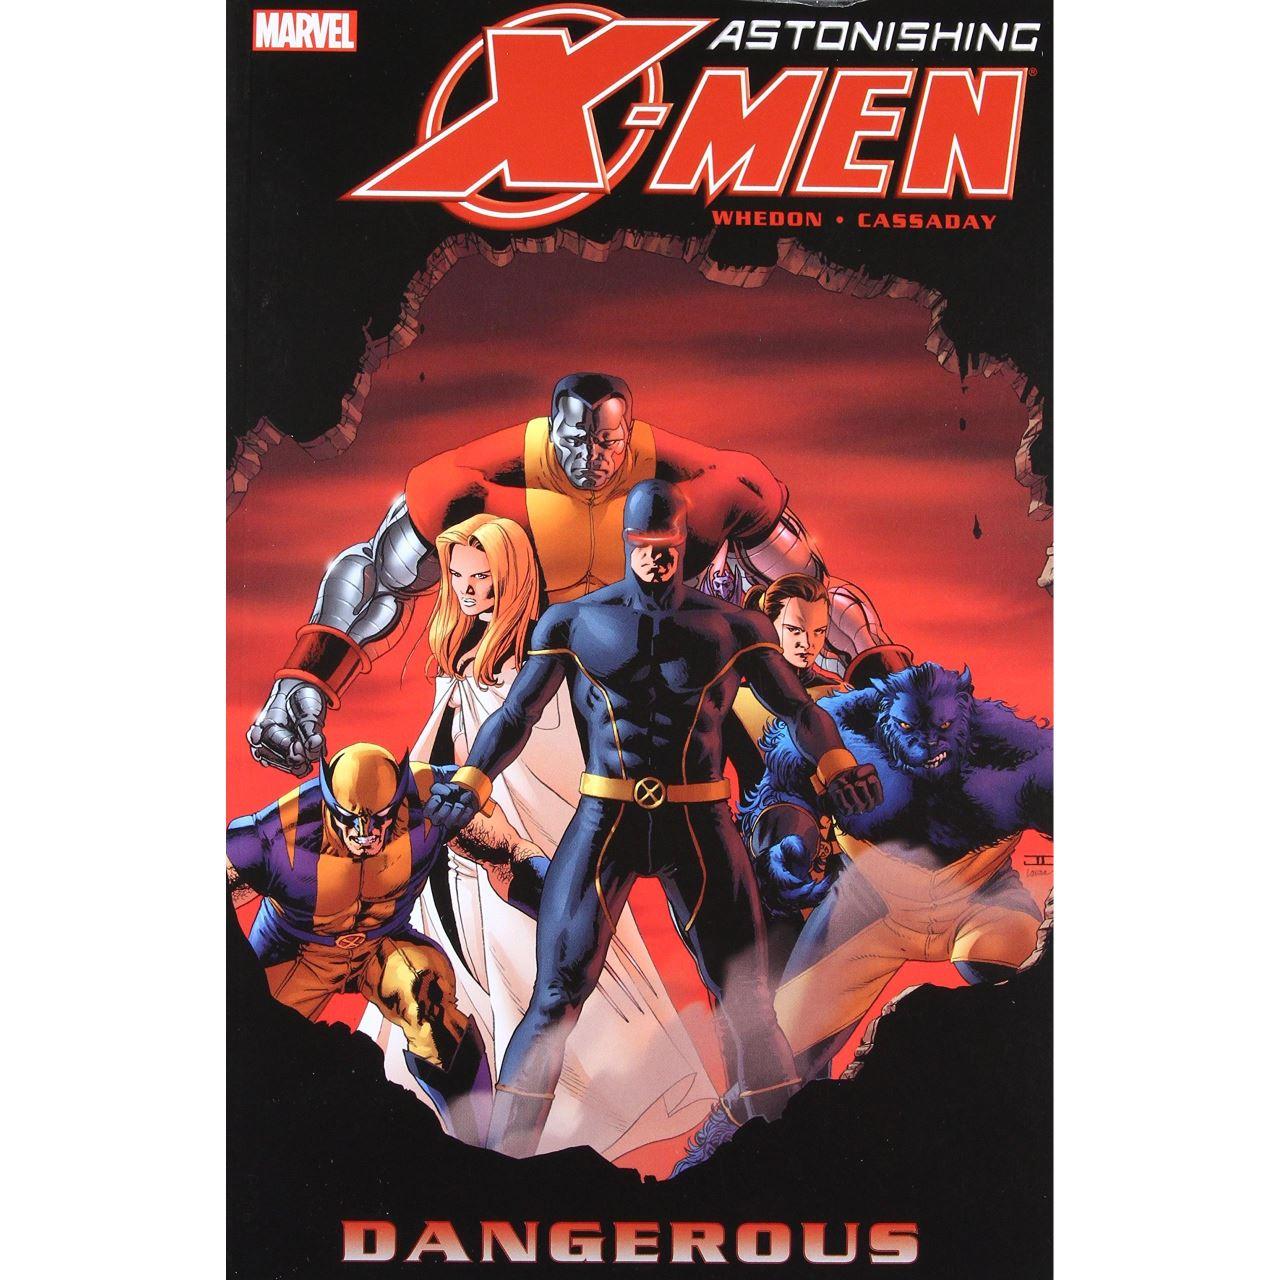 Marvel: Astonishing X-Men - Dangerous imagine